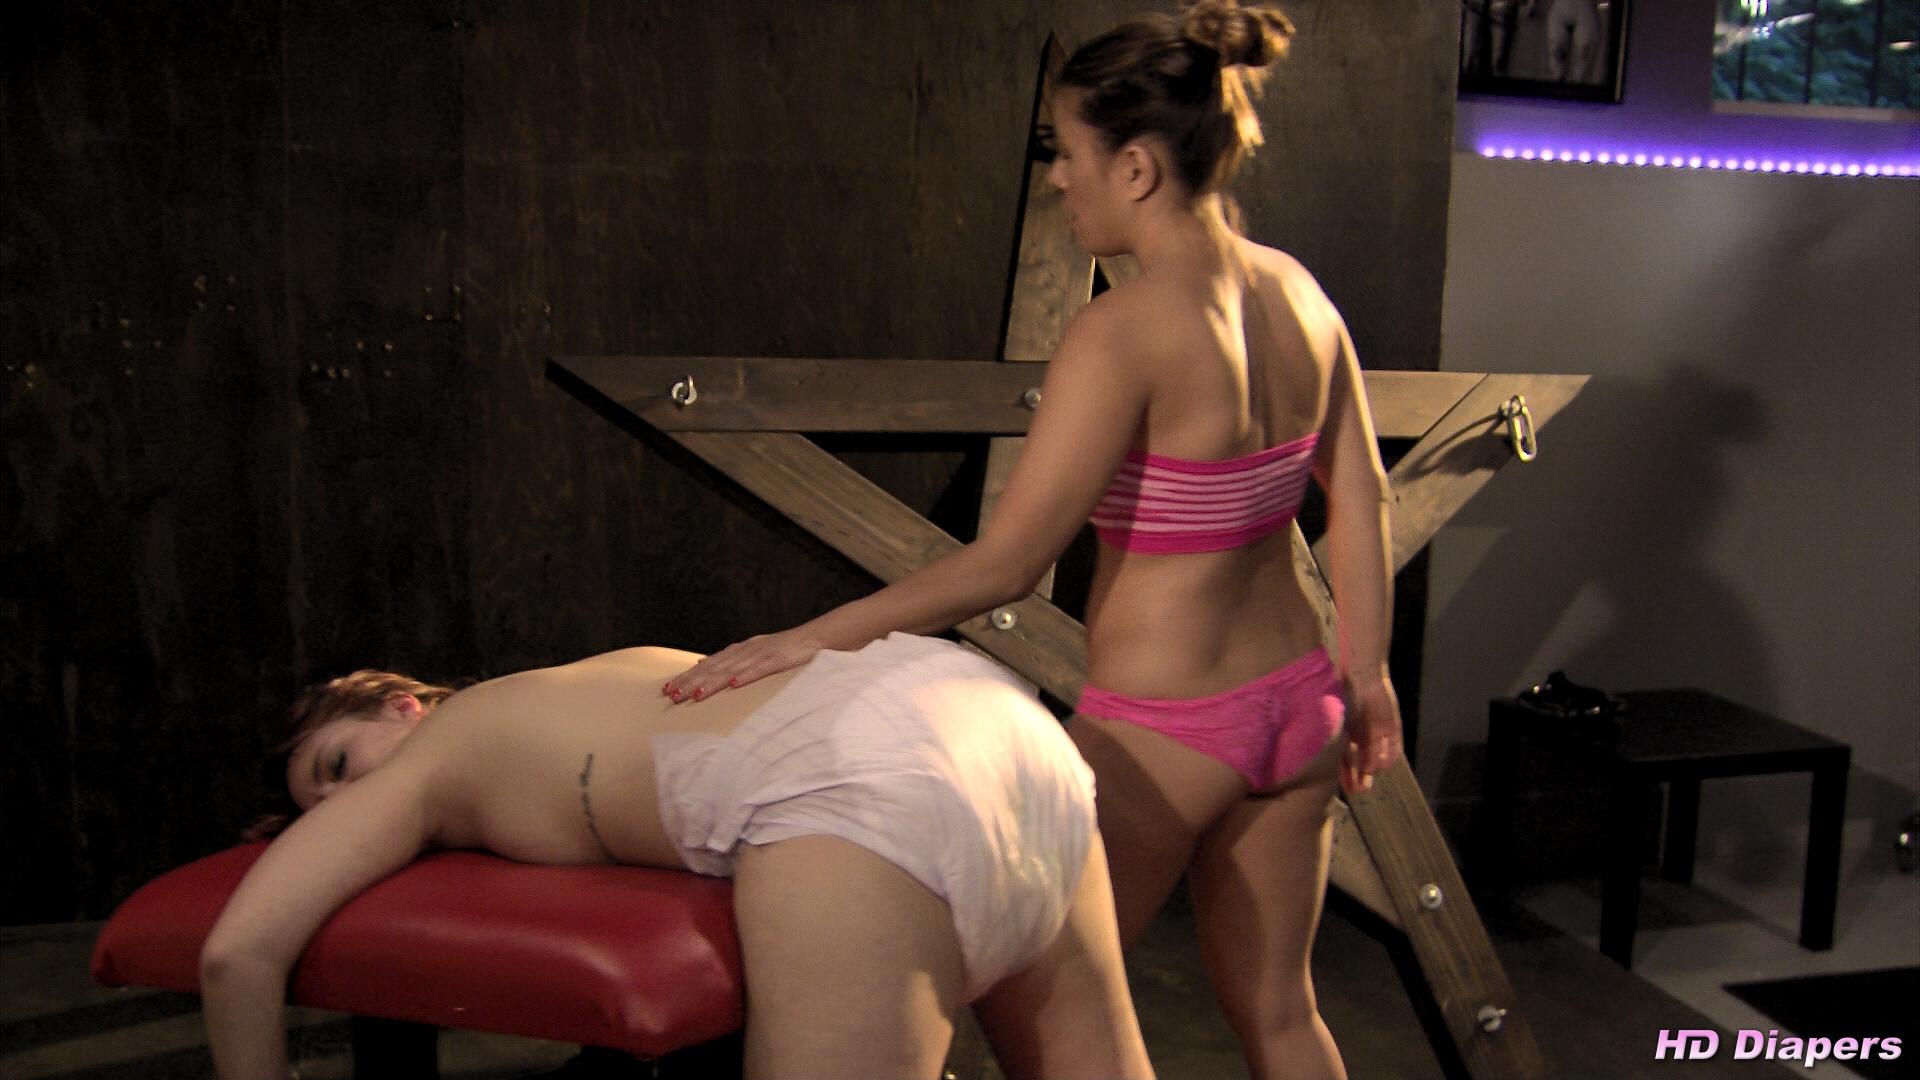 Diaper panty spank